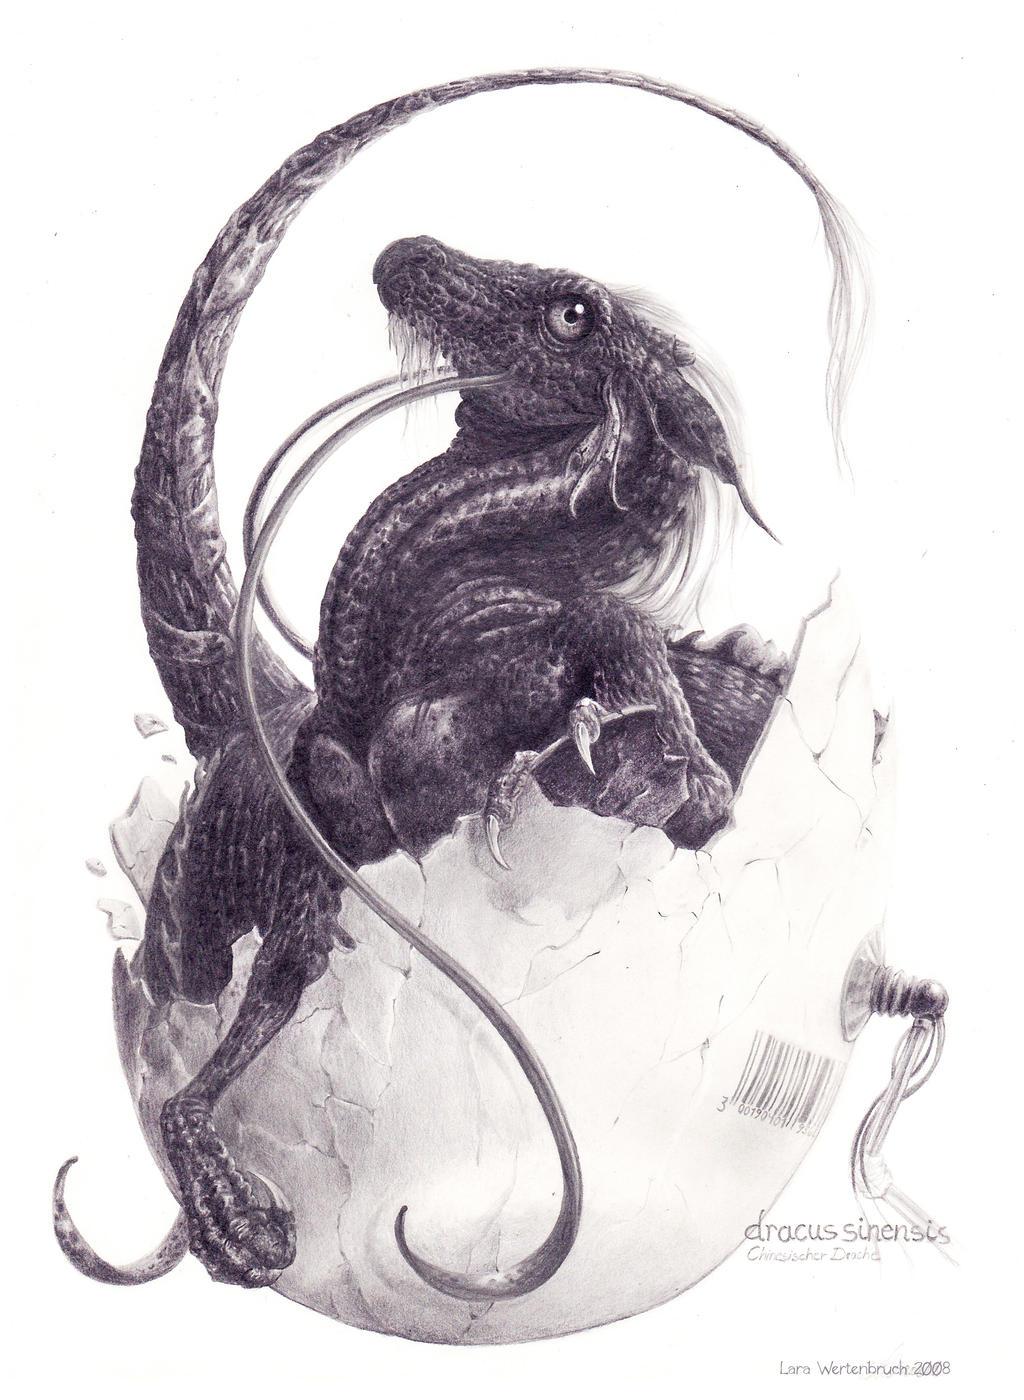 Dracus Sinensis by wuselarts